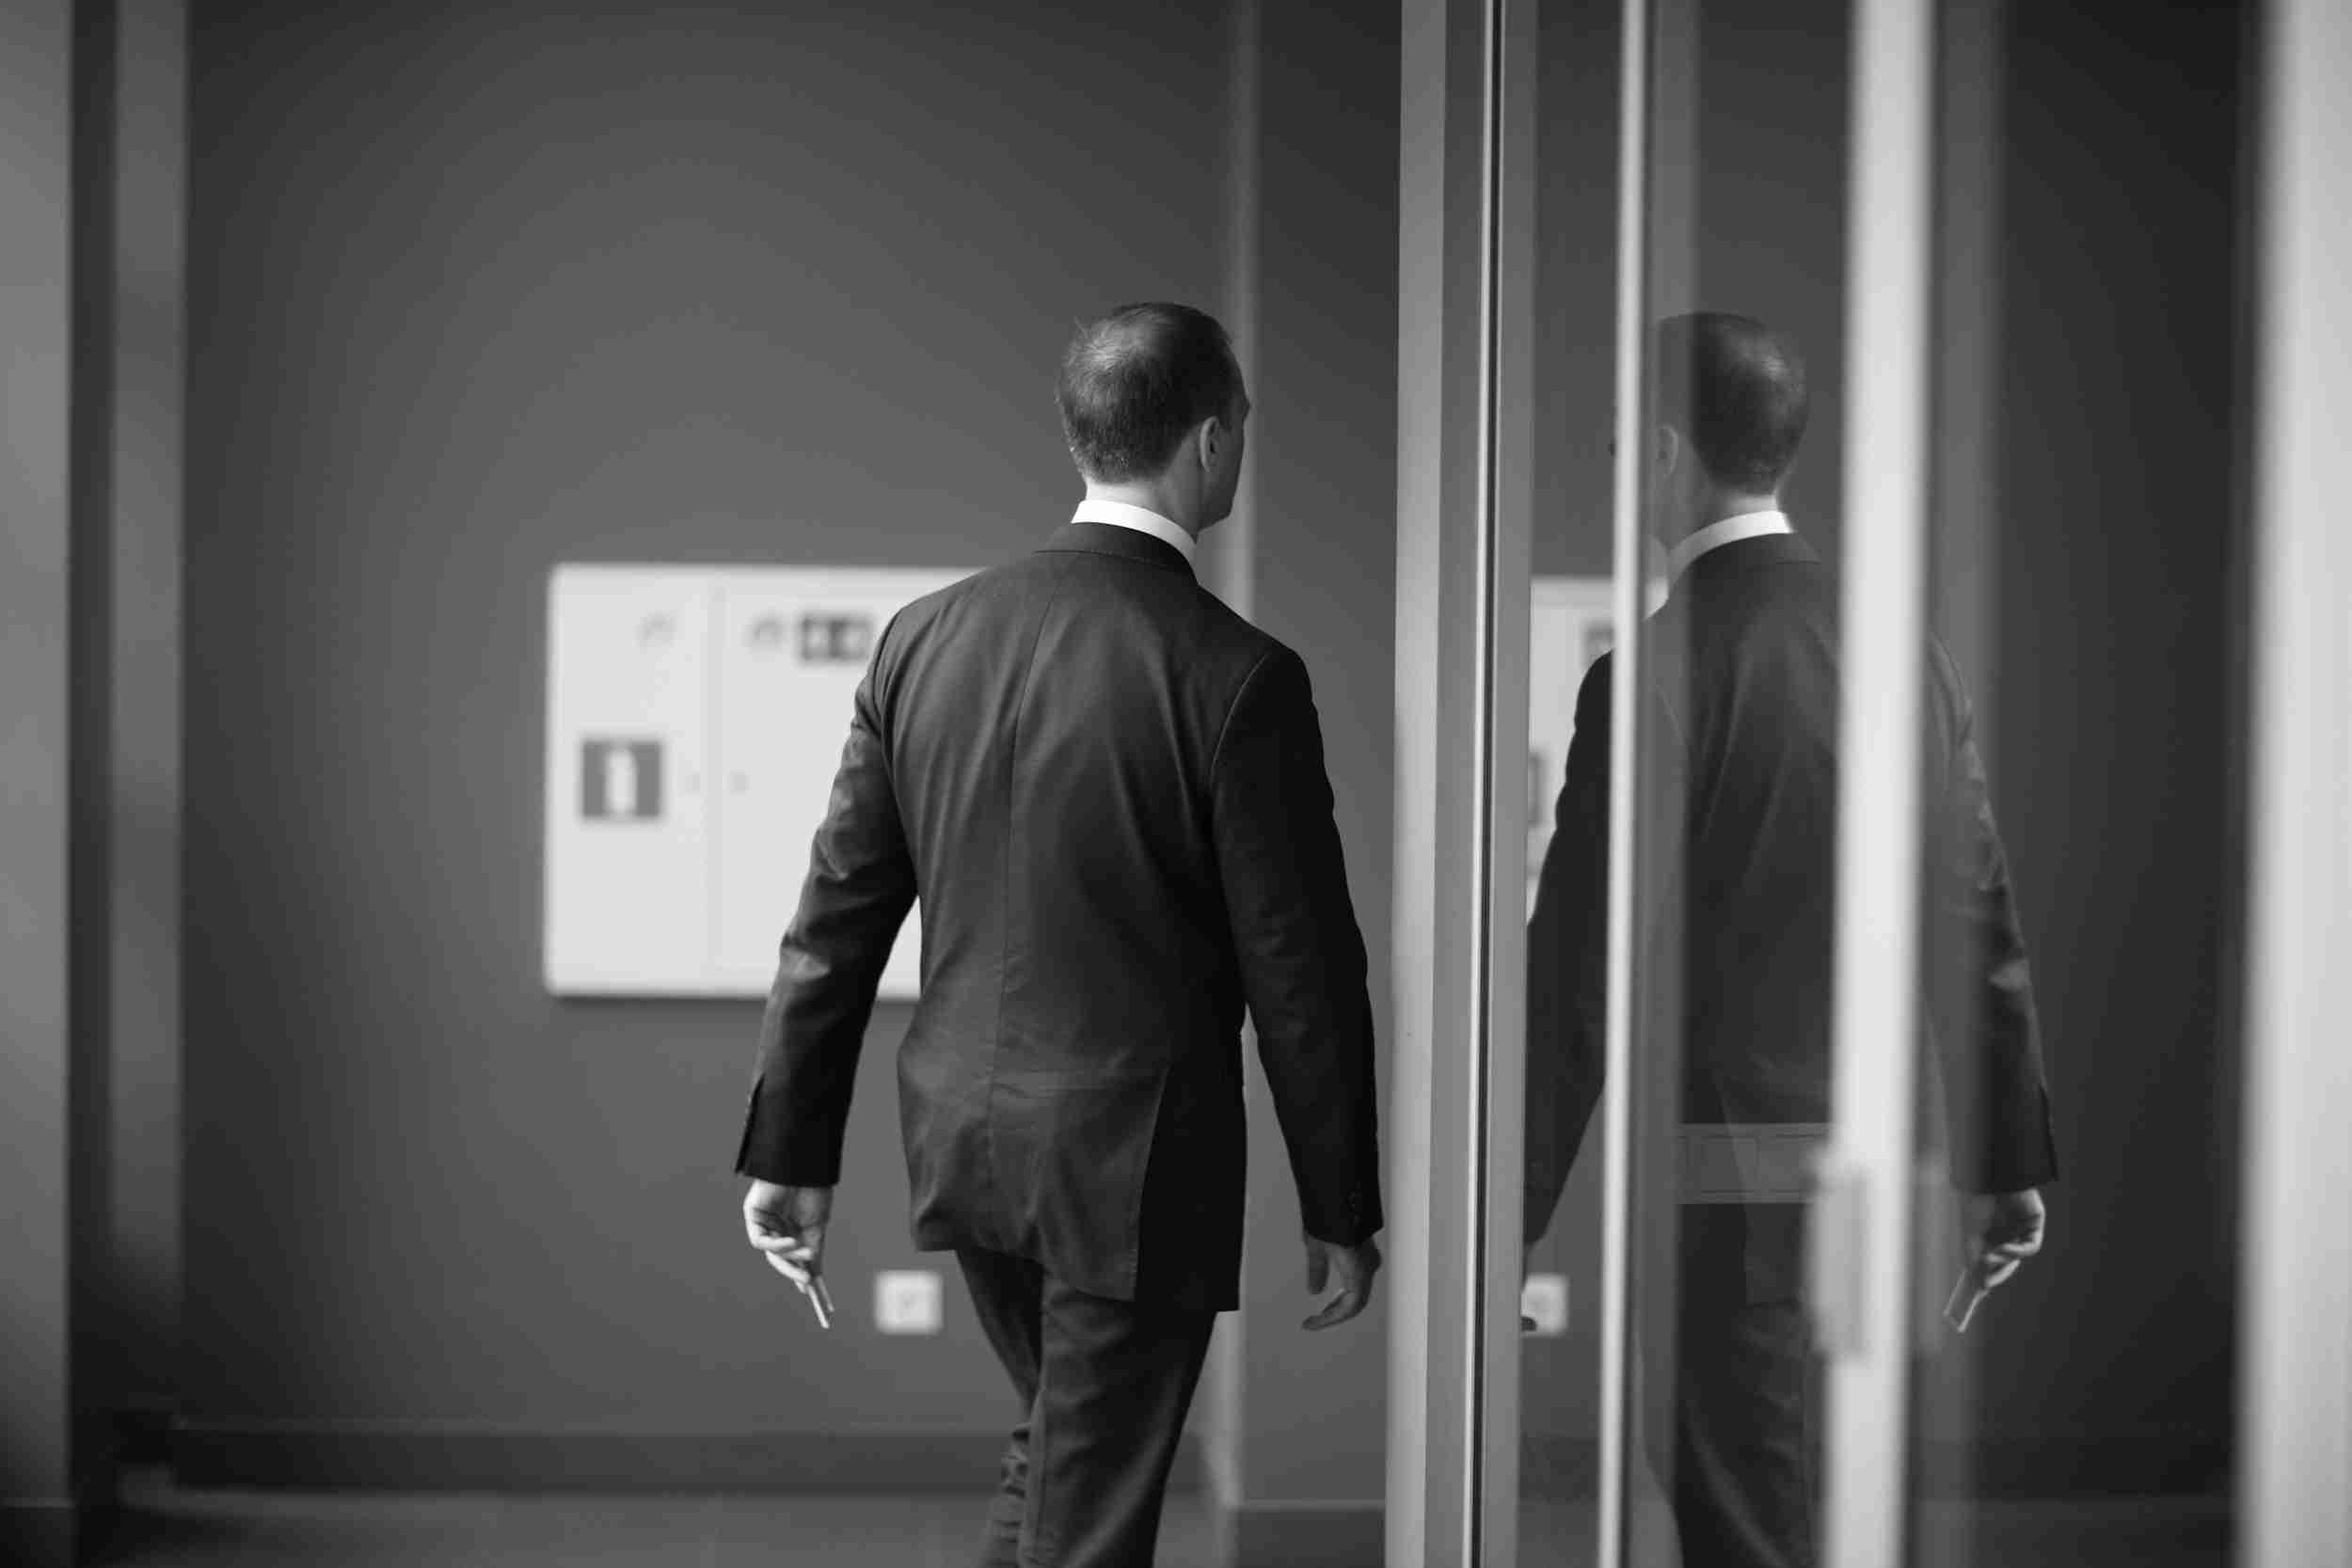 取締役を解任するとき・取締役が解任されそうなとき、それぞれの留意点 完全ガイド